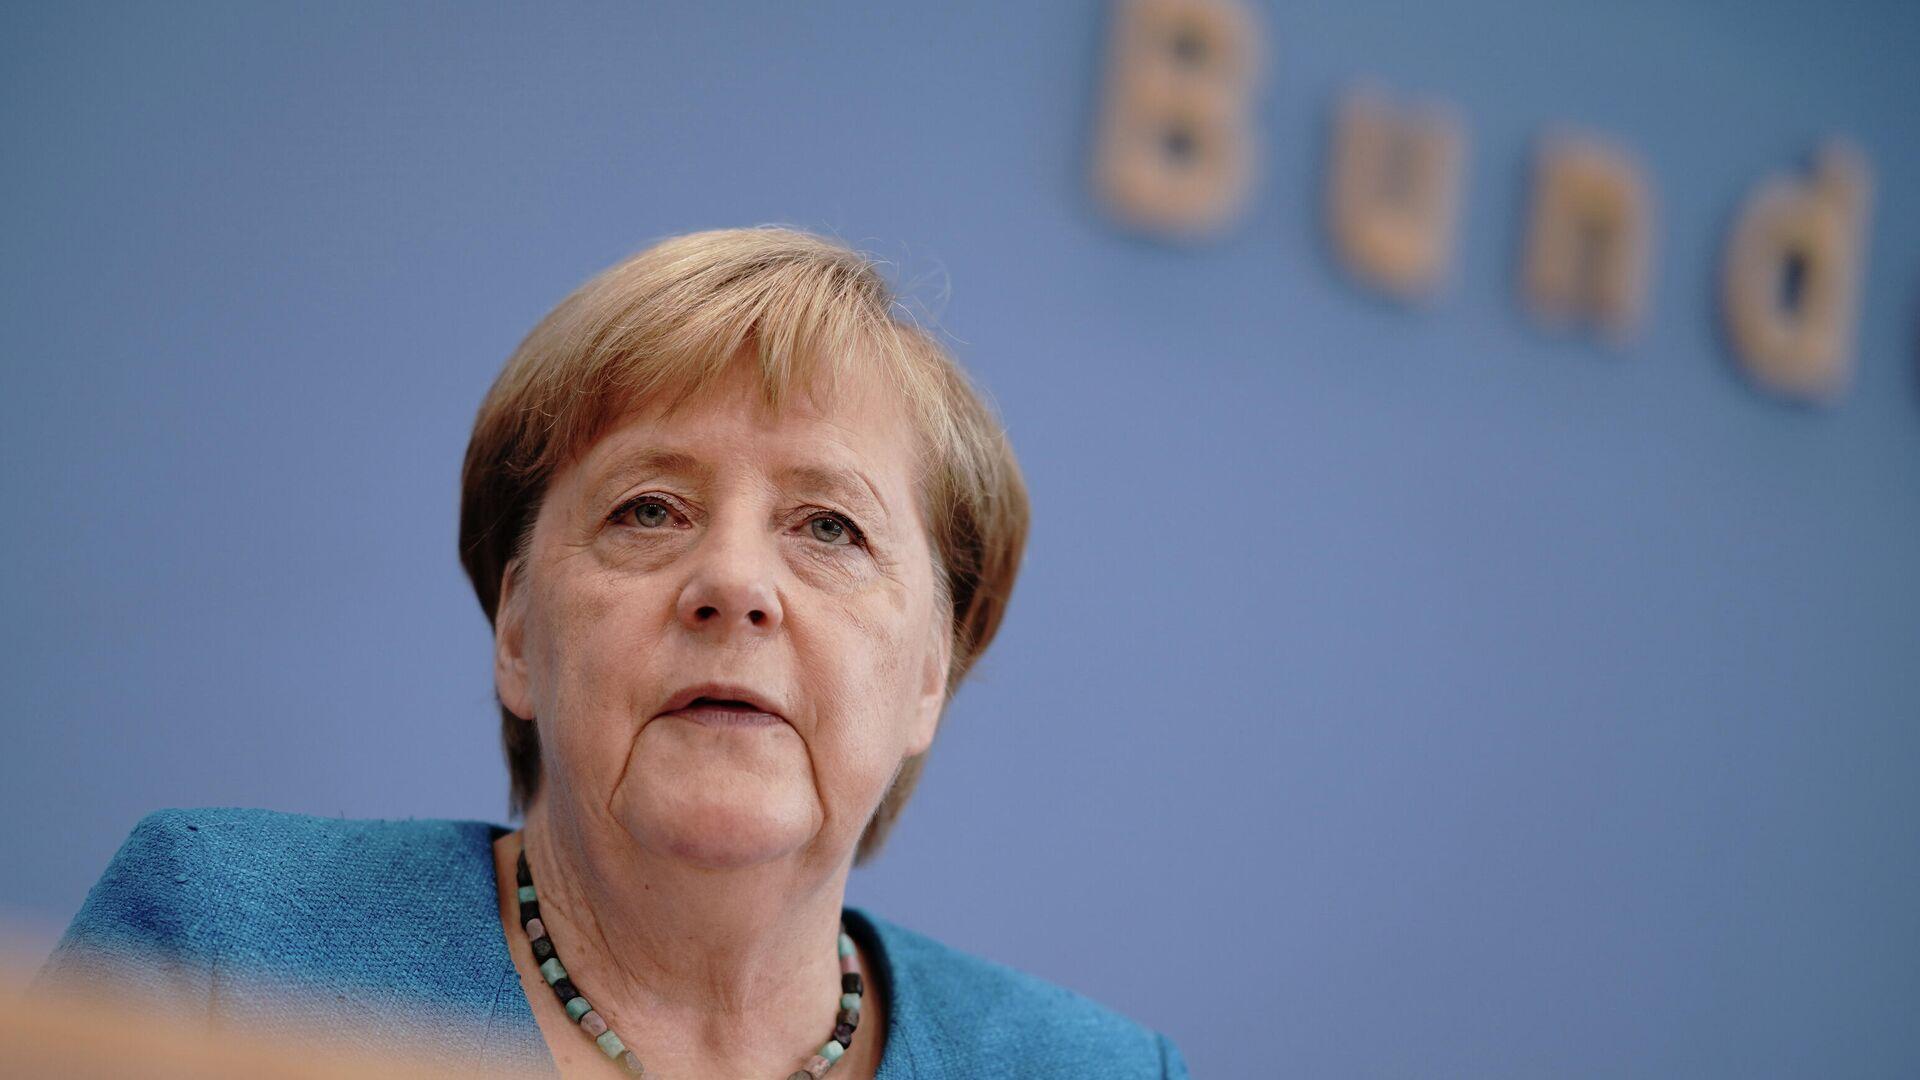 Ангела Меркель во время пресс-конференции в Берлине - РИА Новости, 1920, 03.09.2020